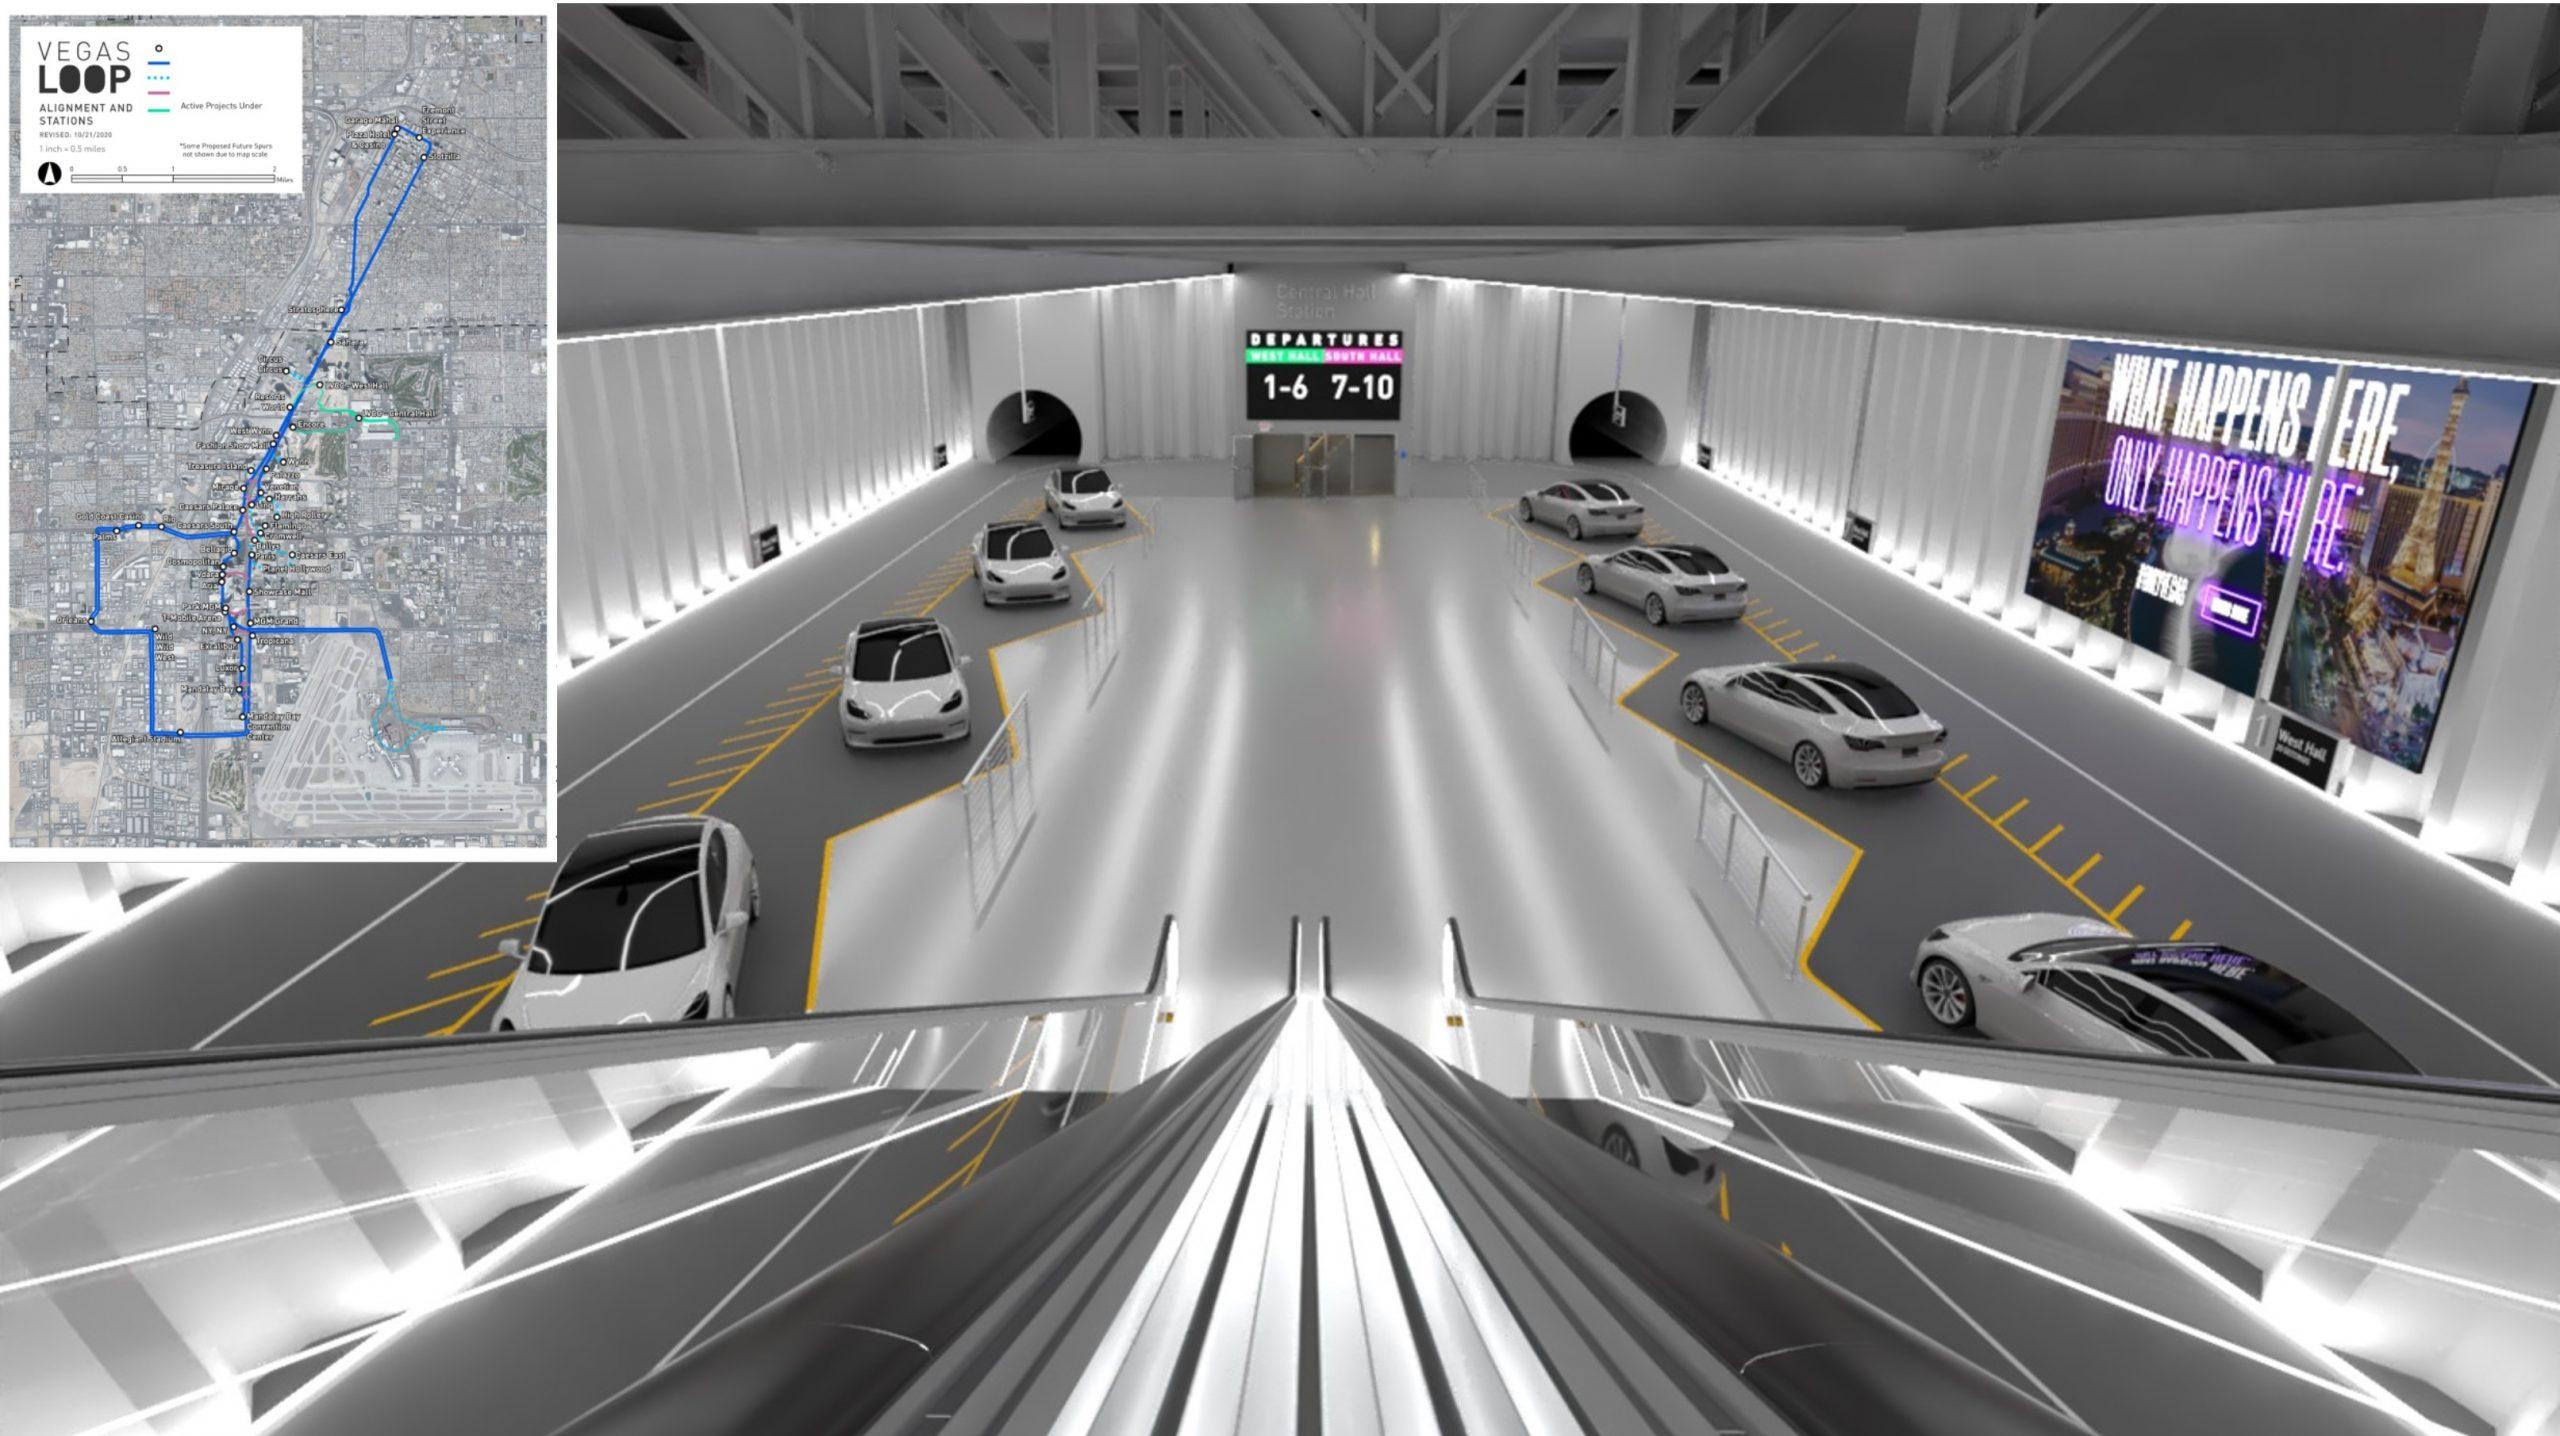 Elon-Musk-Boring-Company-Las-Vegas-Loop